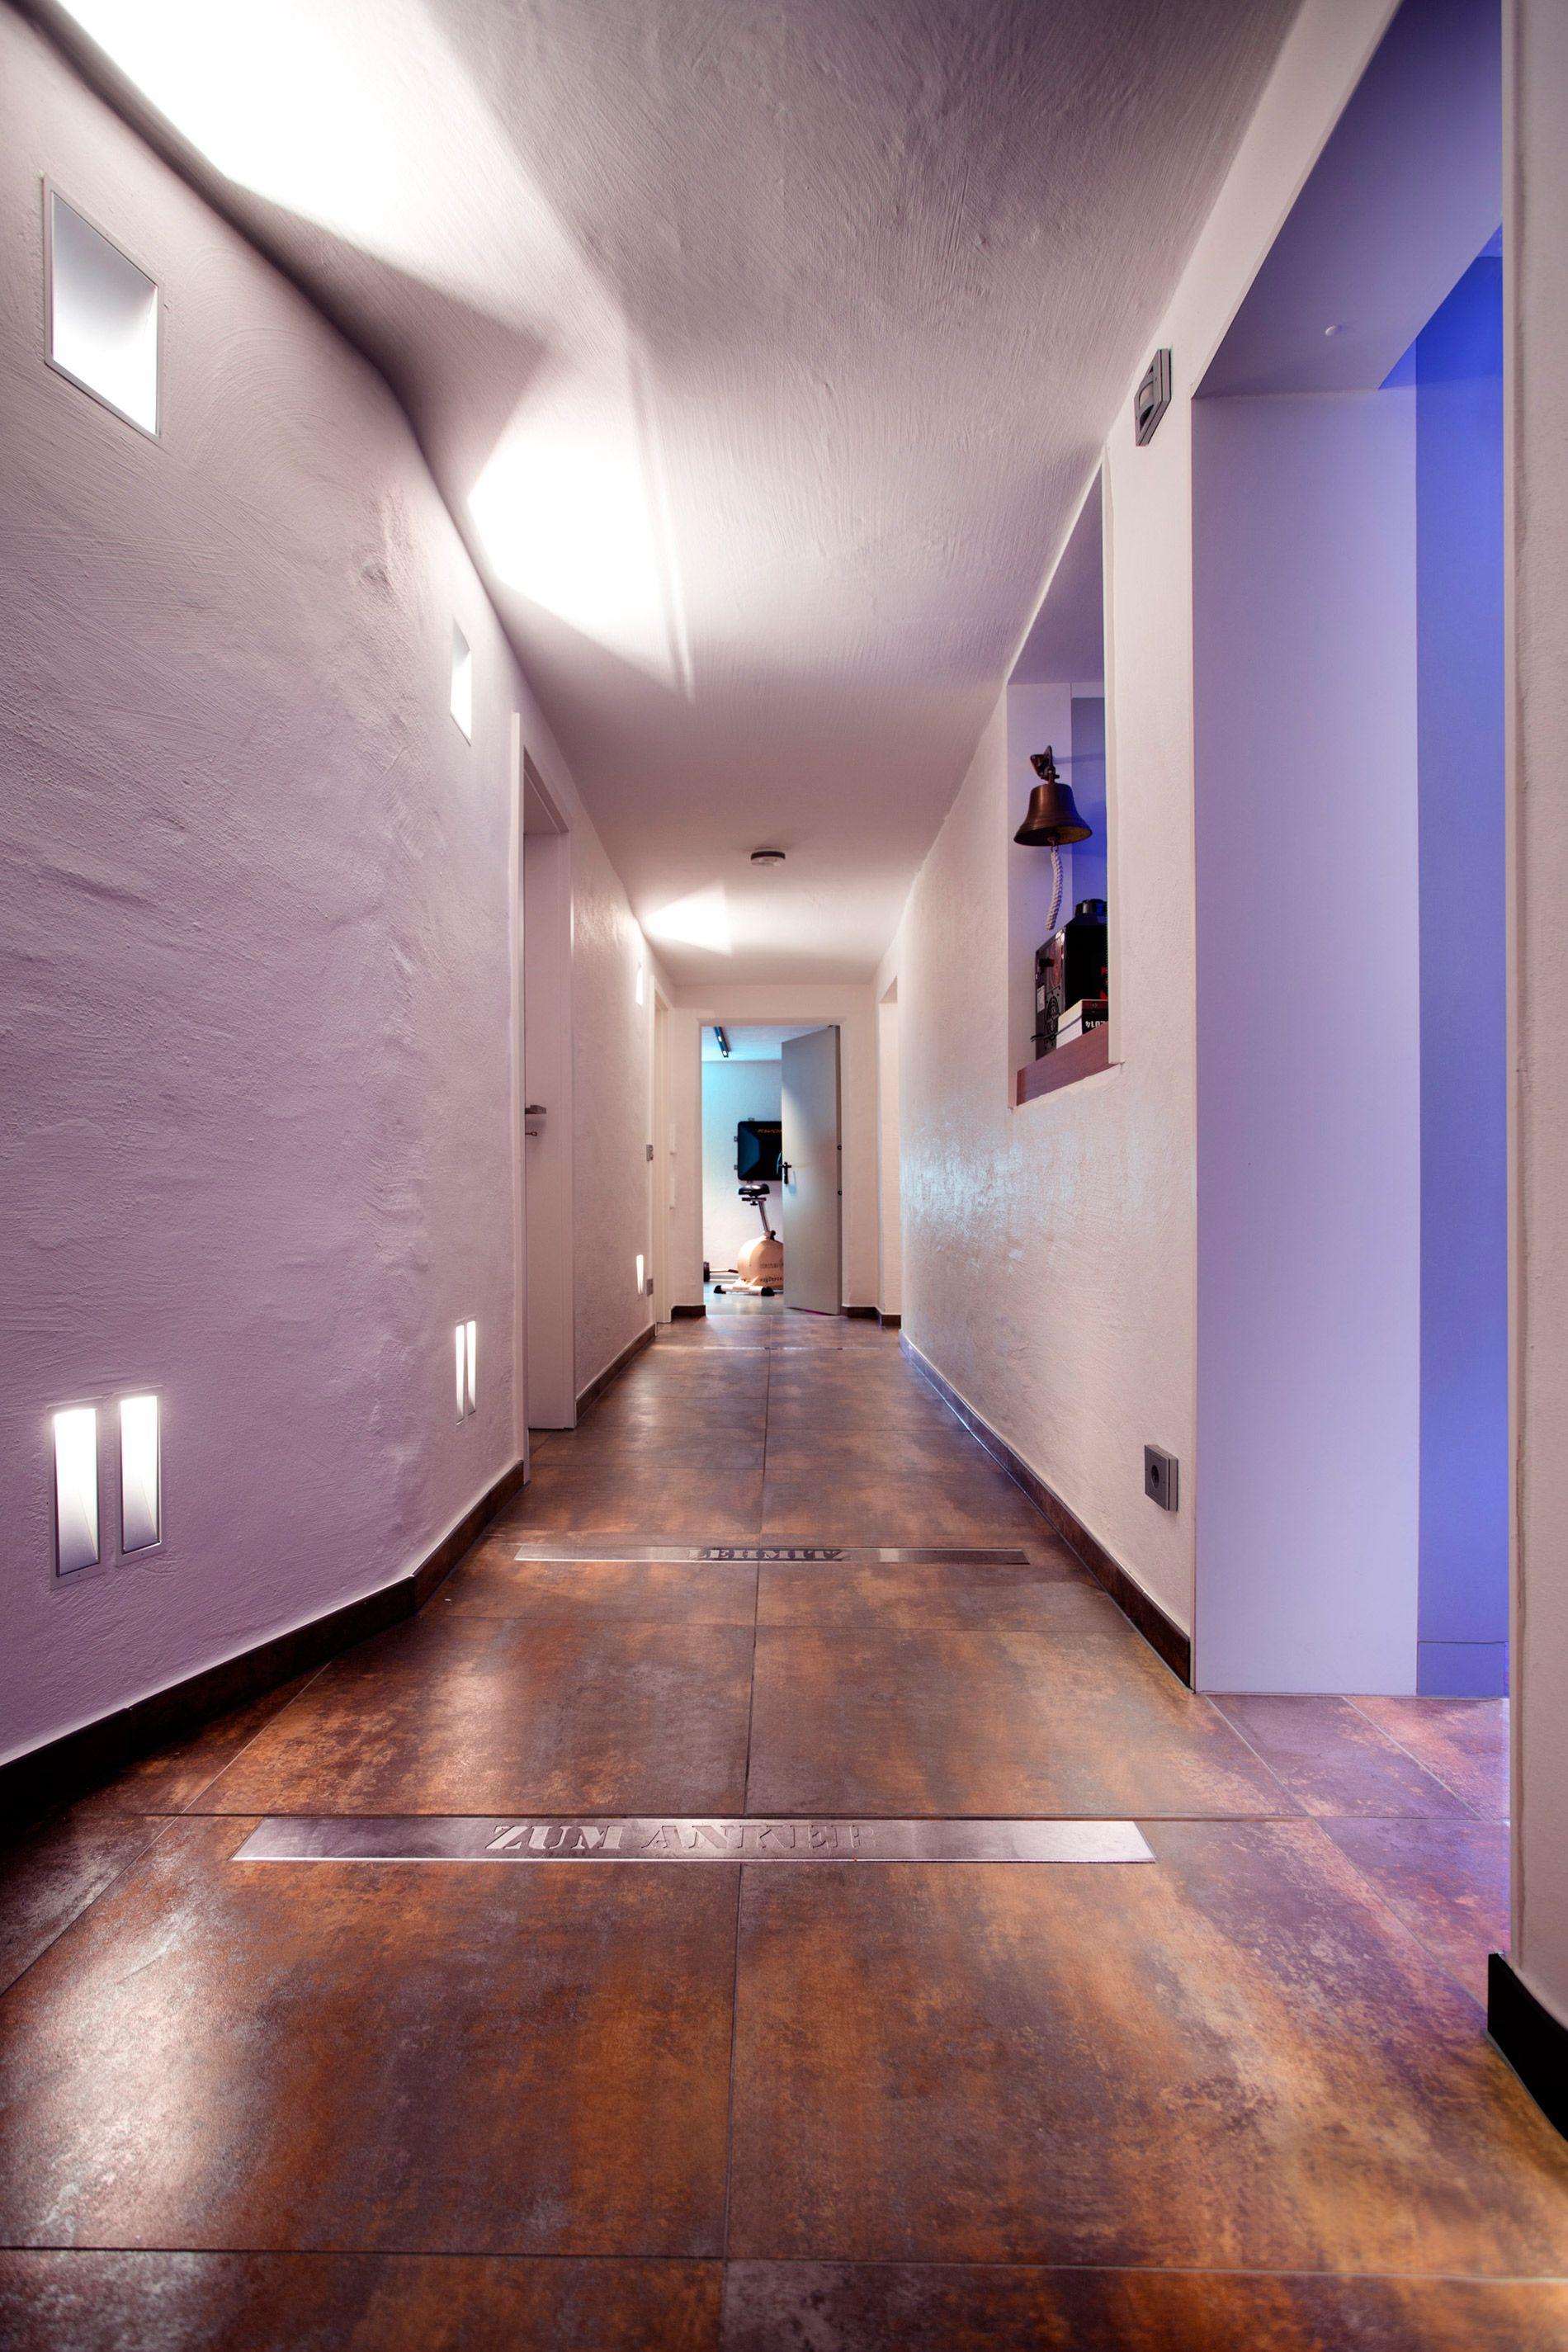 Raum: Wohnräume Wandeinbauleuchte mit LED zur Ausleuchtung der Decke ...